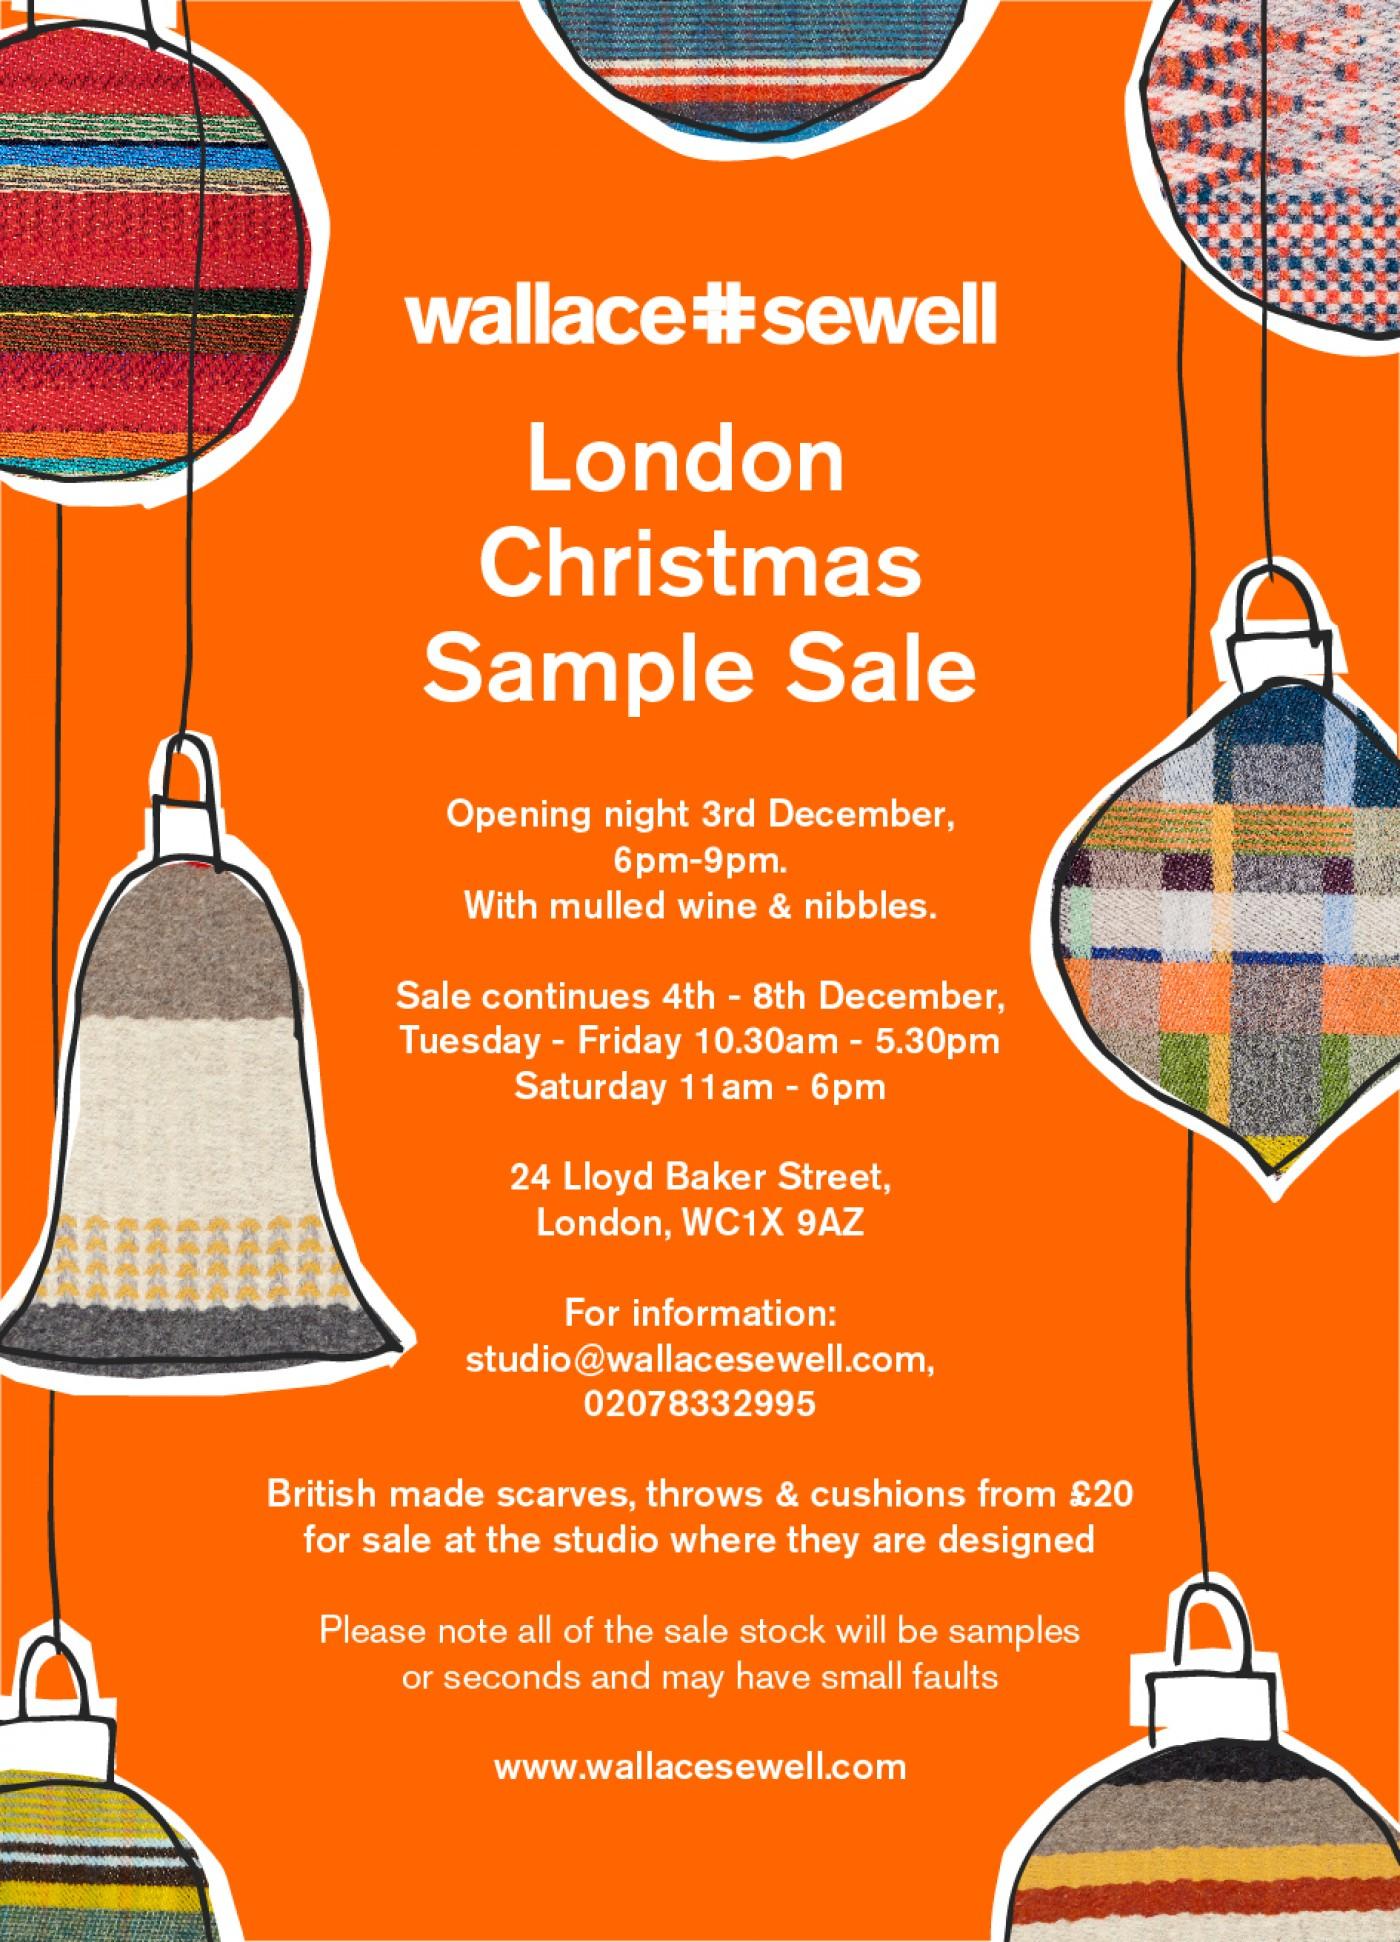 London Christmas Sample Sale